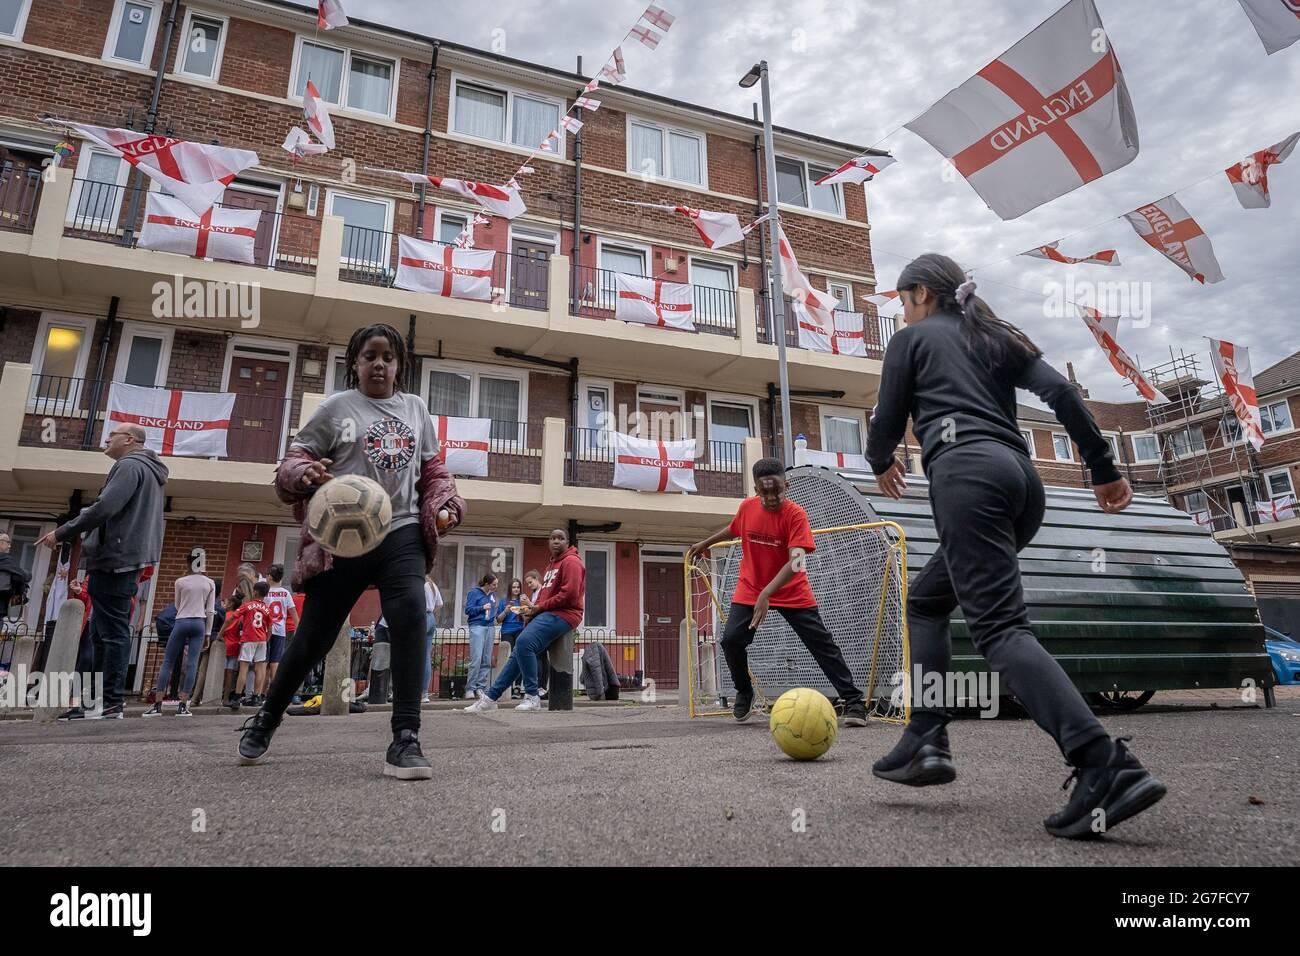 EURO 2020: Les résidents de la propriété Kirby à Bermondsey montrent leur soutien avec des centaines de drapeaux avant le match final de ce soir, l'Angleterre contre l'Italie. Londres, Royaume-Uni. Banque D'Images